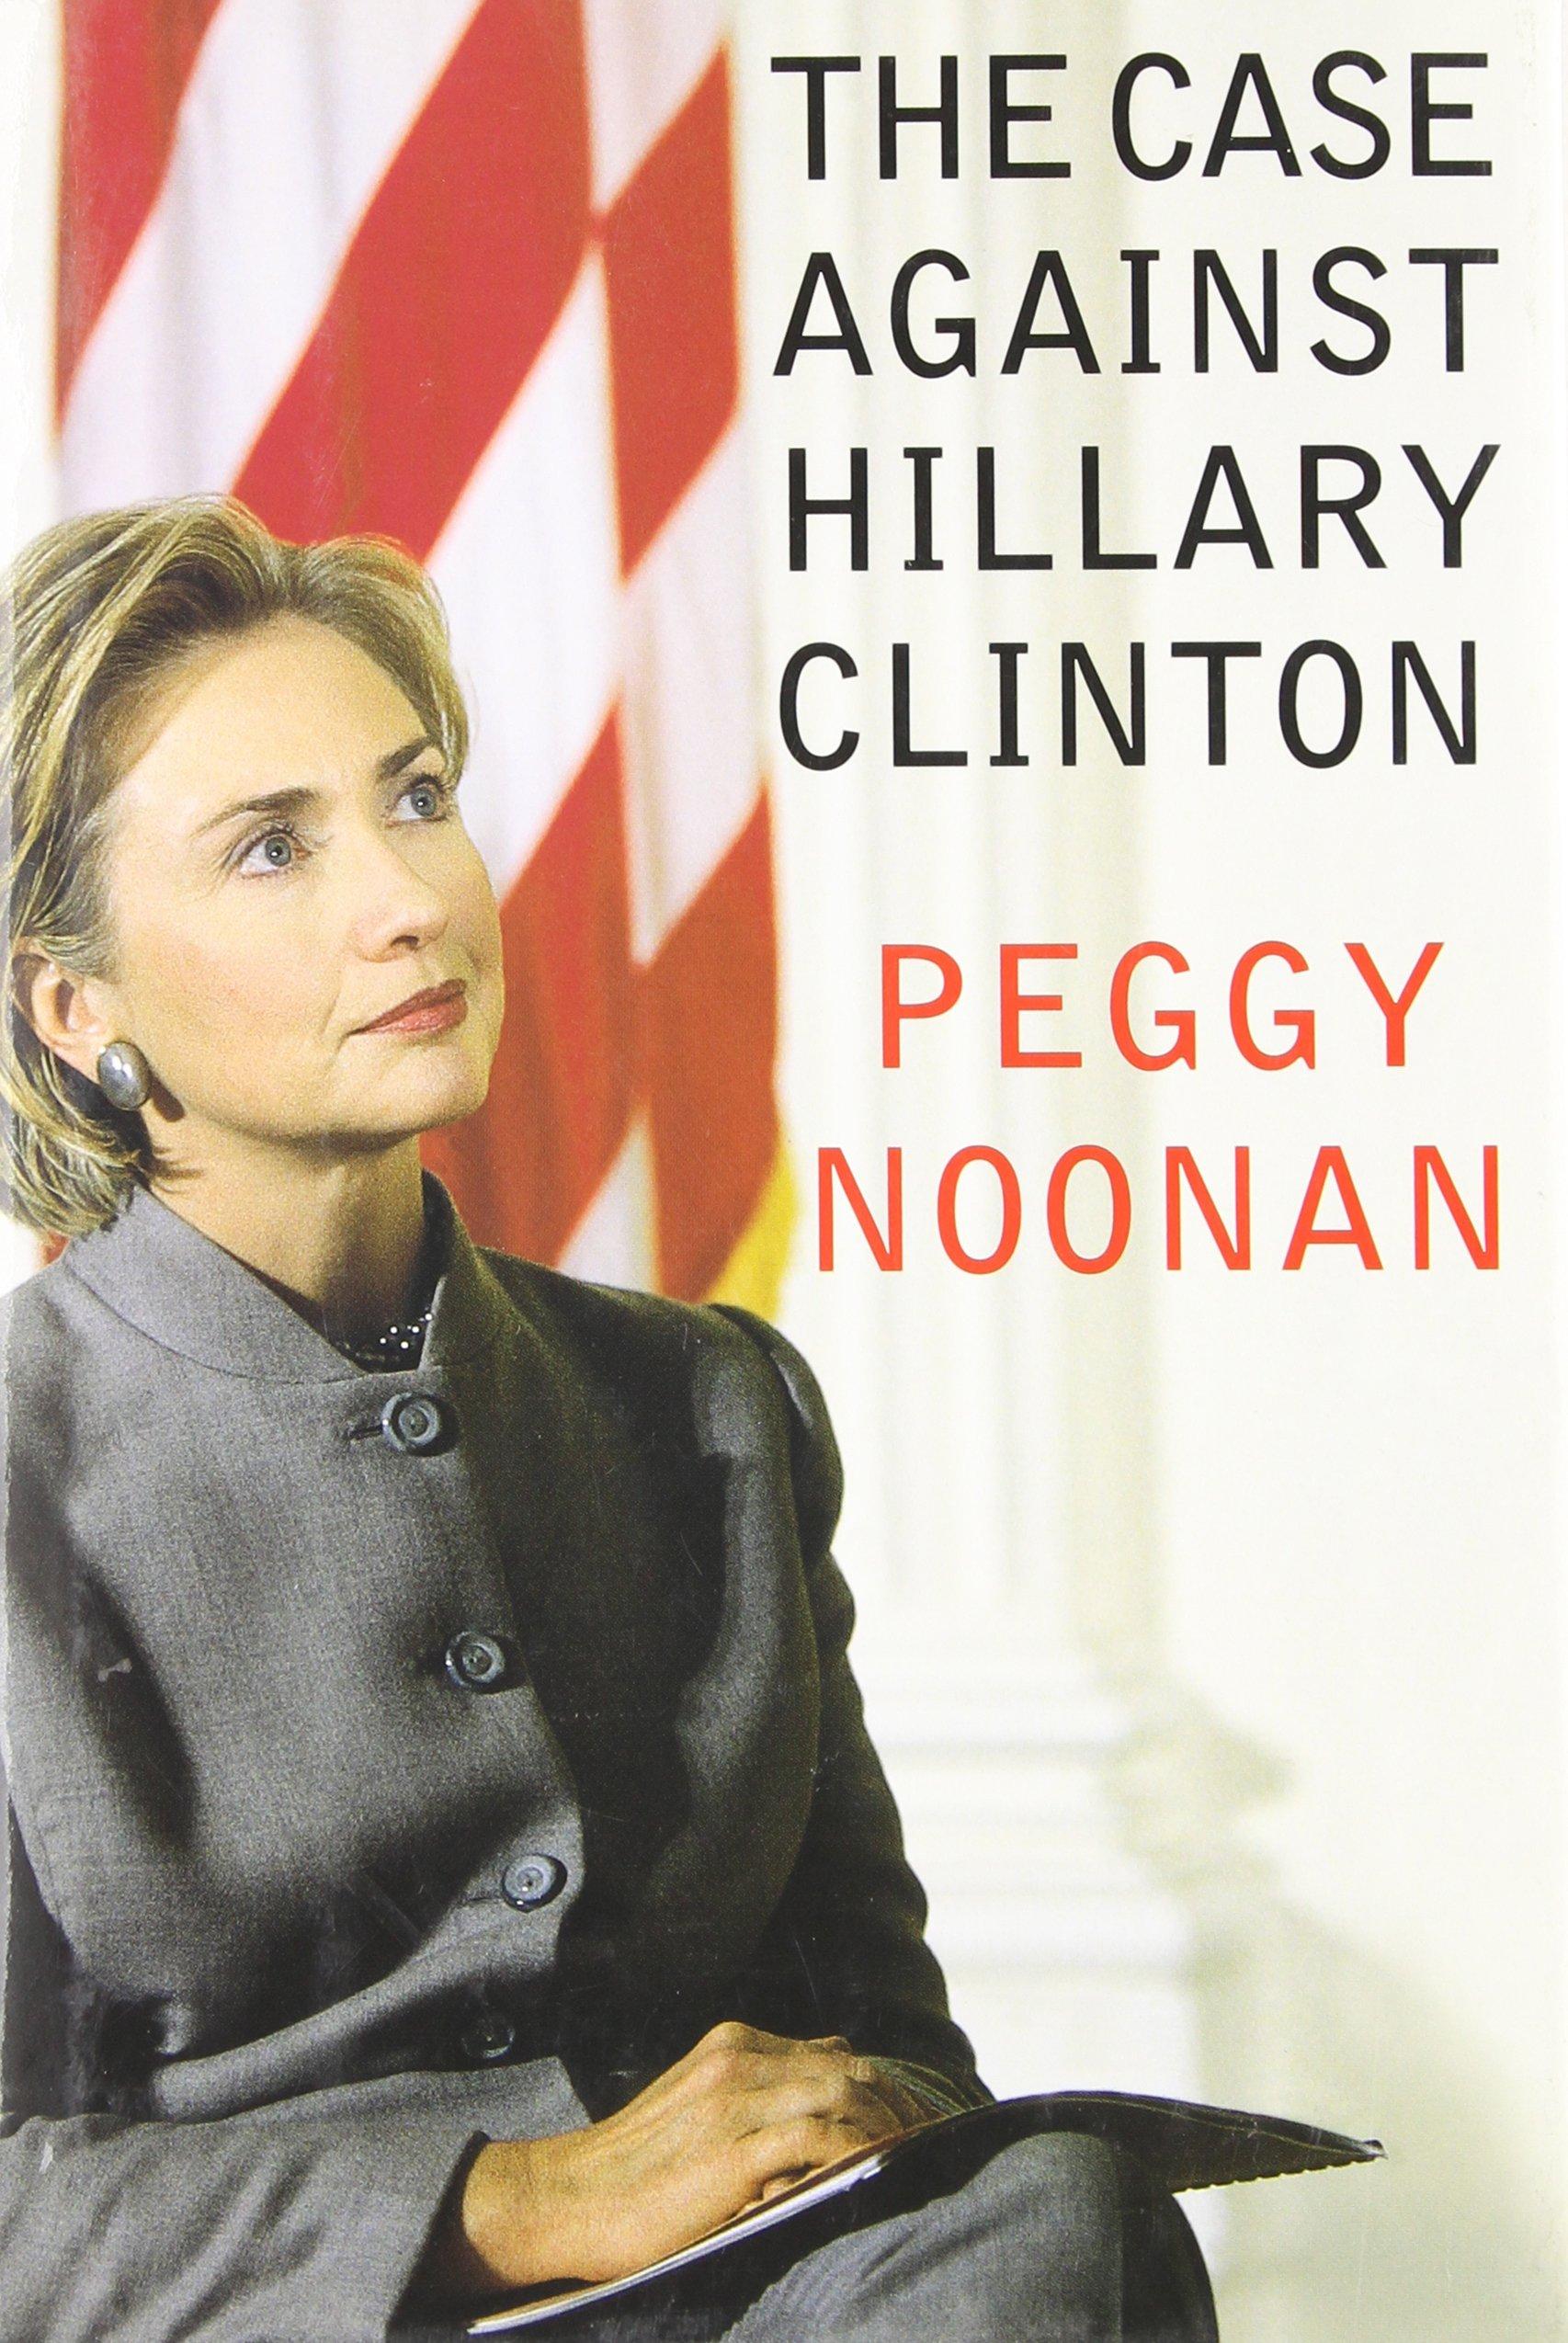 The Case Against Hillary Clinton